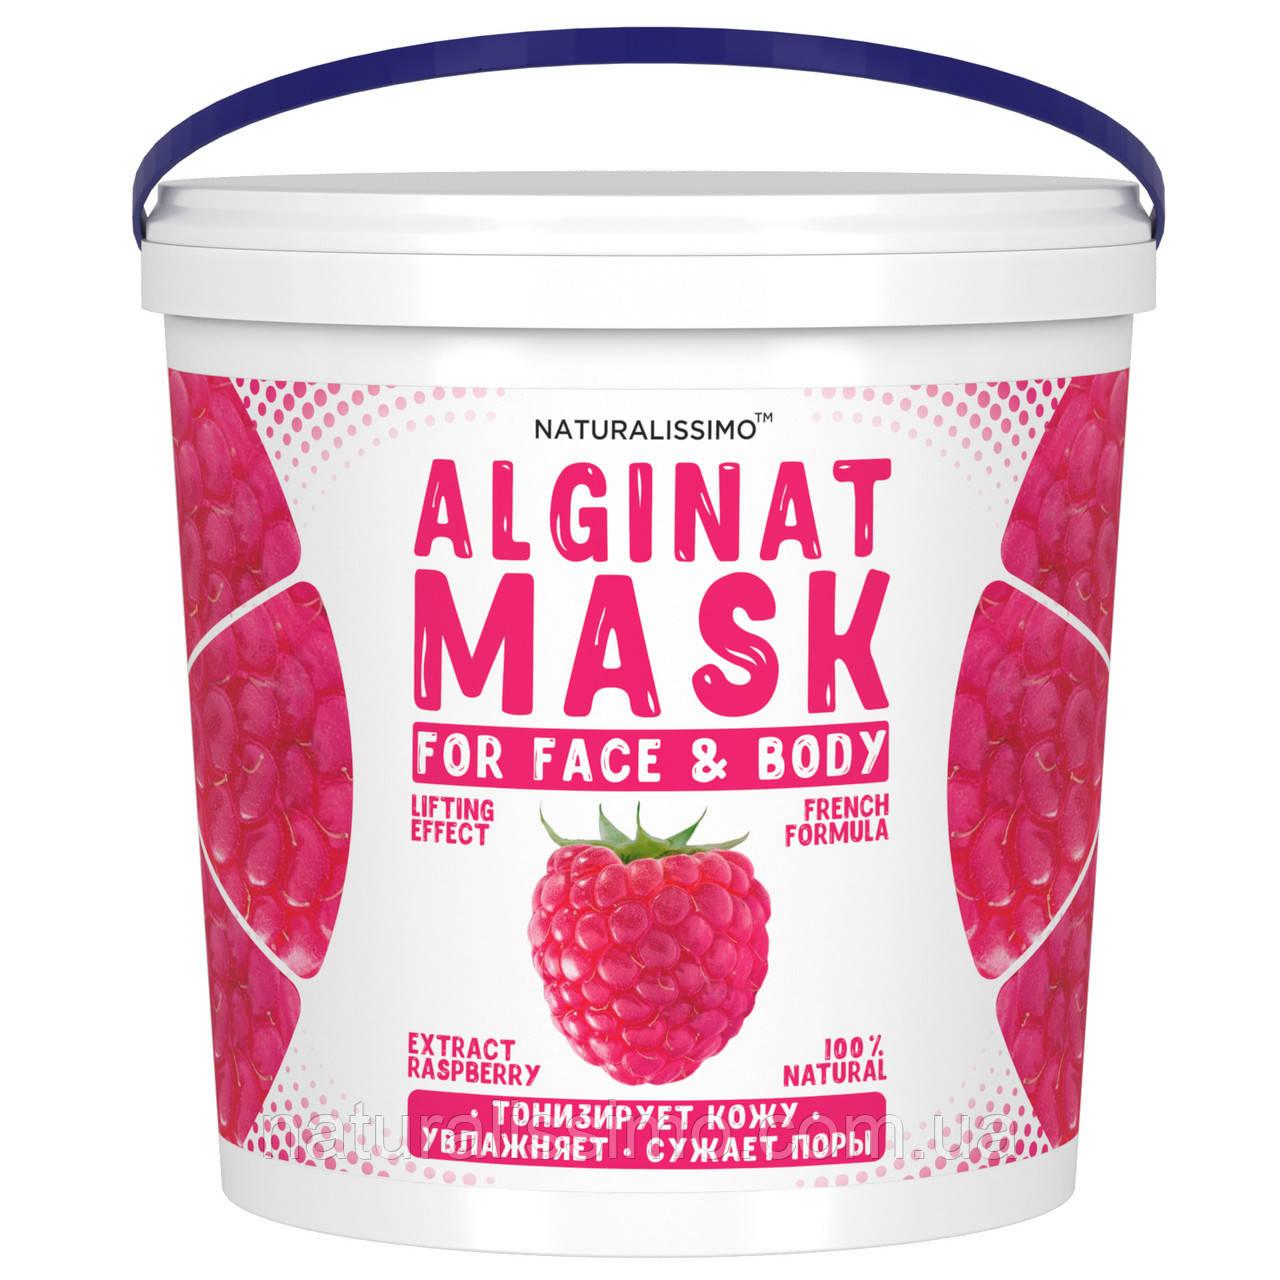 Альгинатная маска Омолаживает кожу, очищает и сужает поры, с малиной, 1000 г